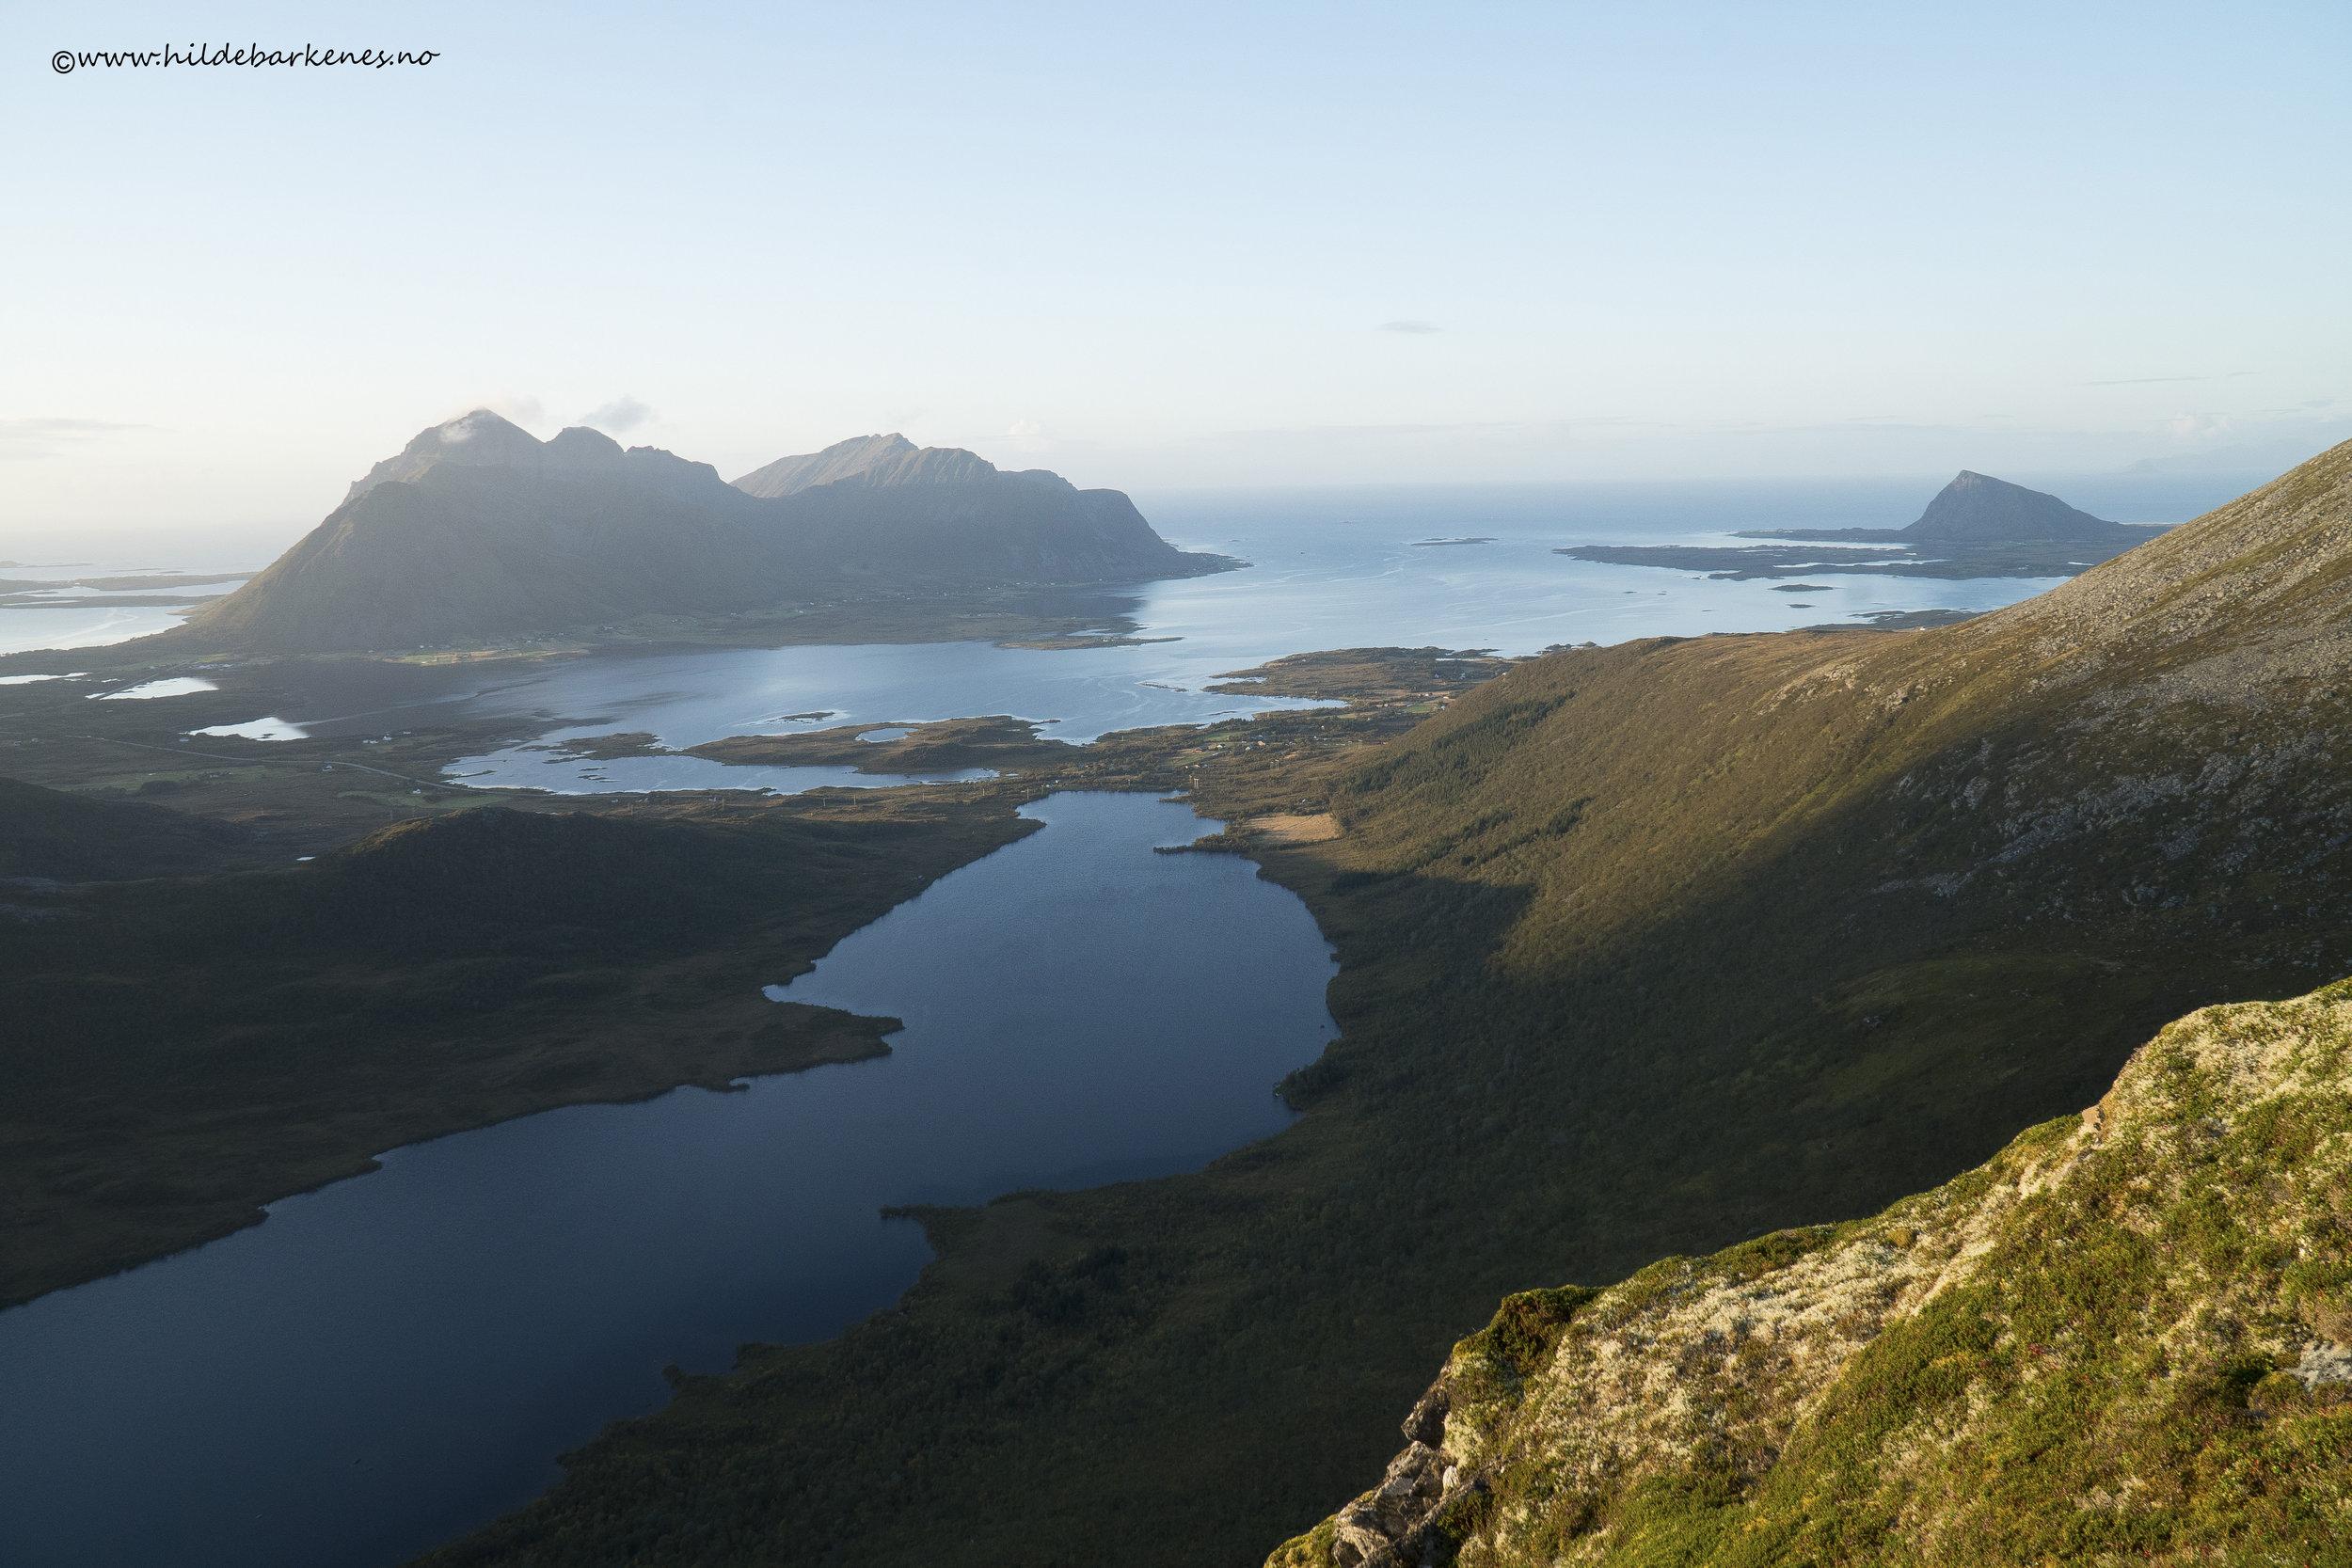 Vikfjordtinden8.jpg